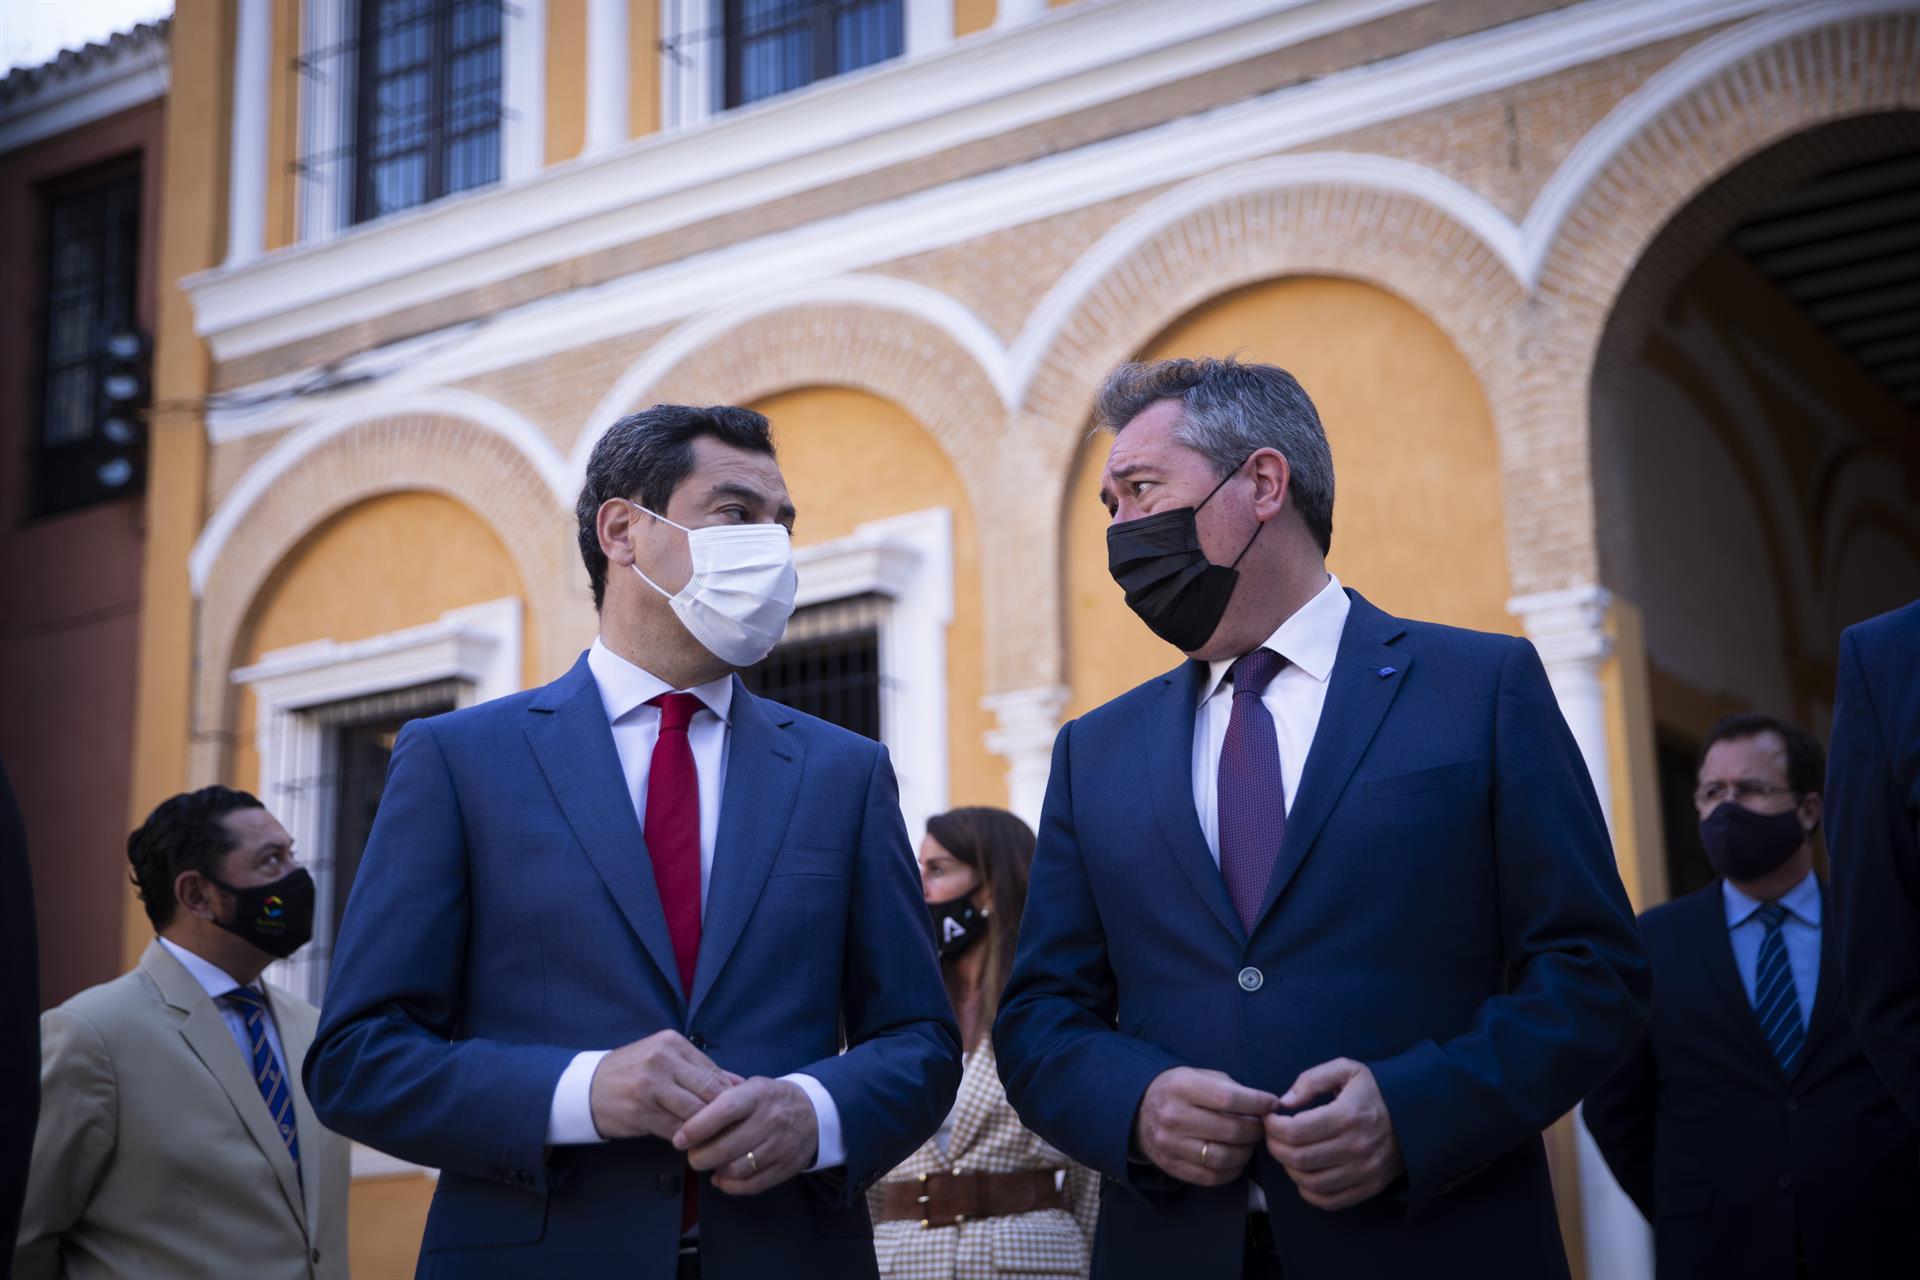 Espadas sugiere a Moreno que se someta a cuestión de confianza o convoque elecciones si está «secuestrado» por Vox